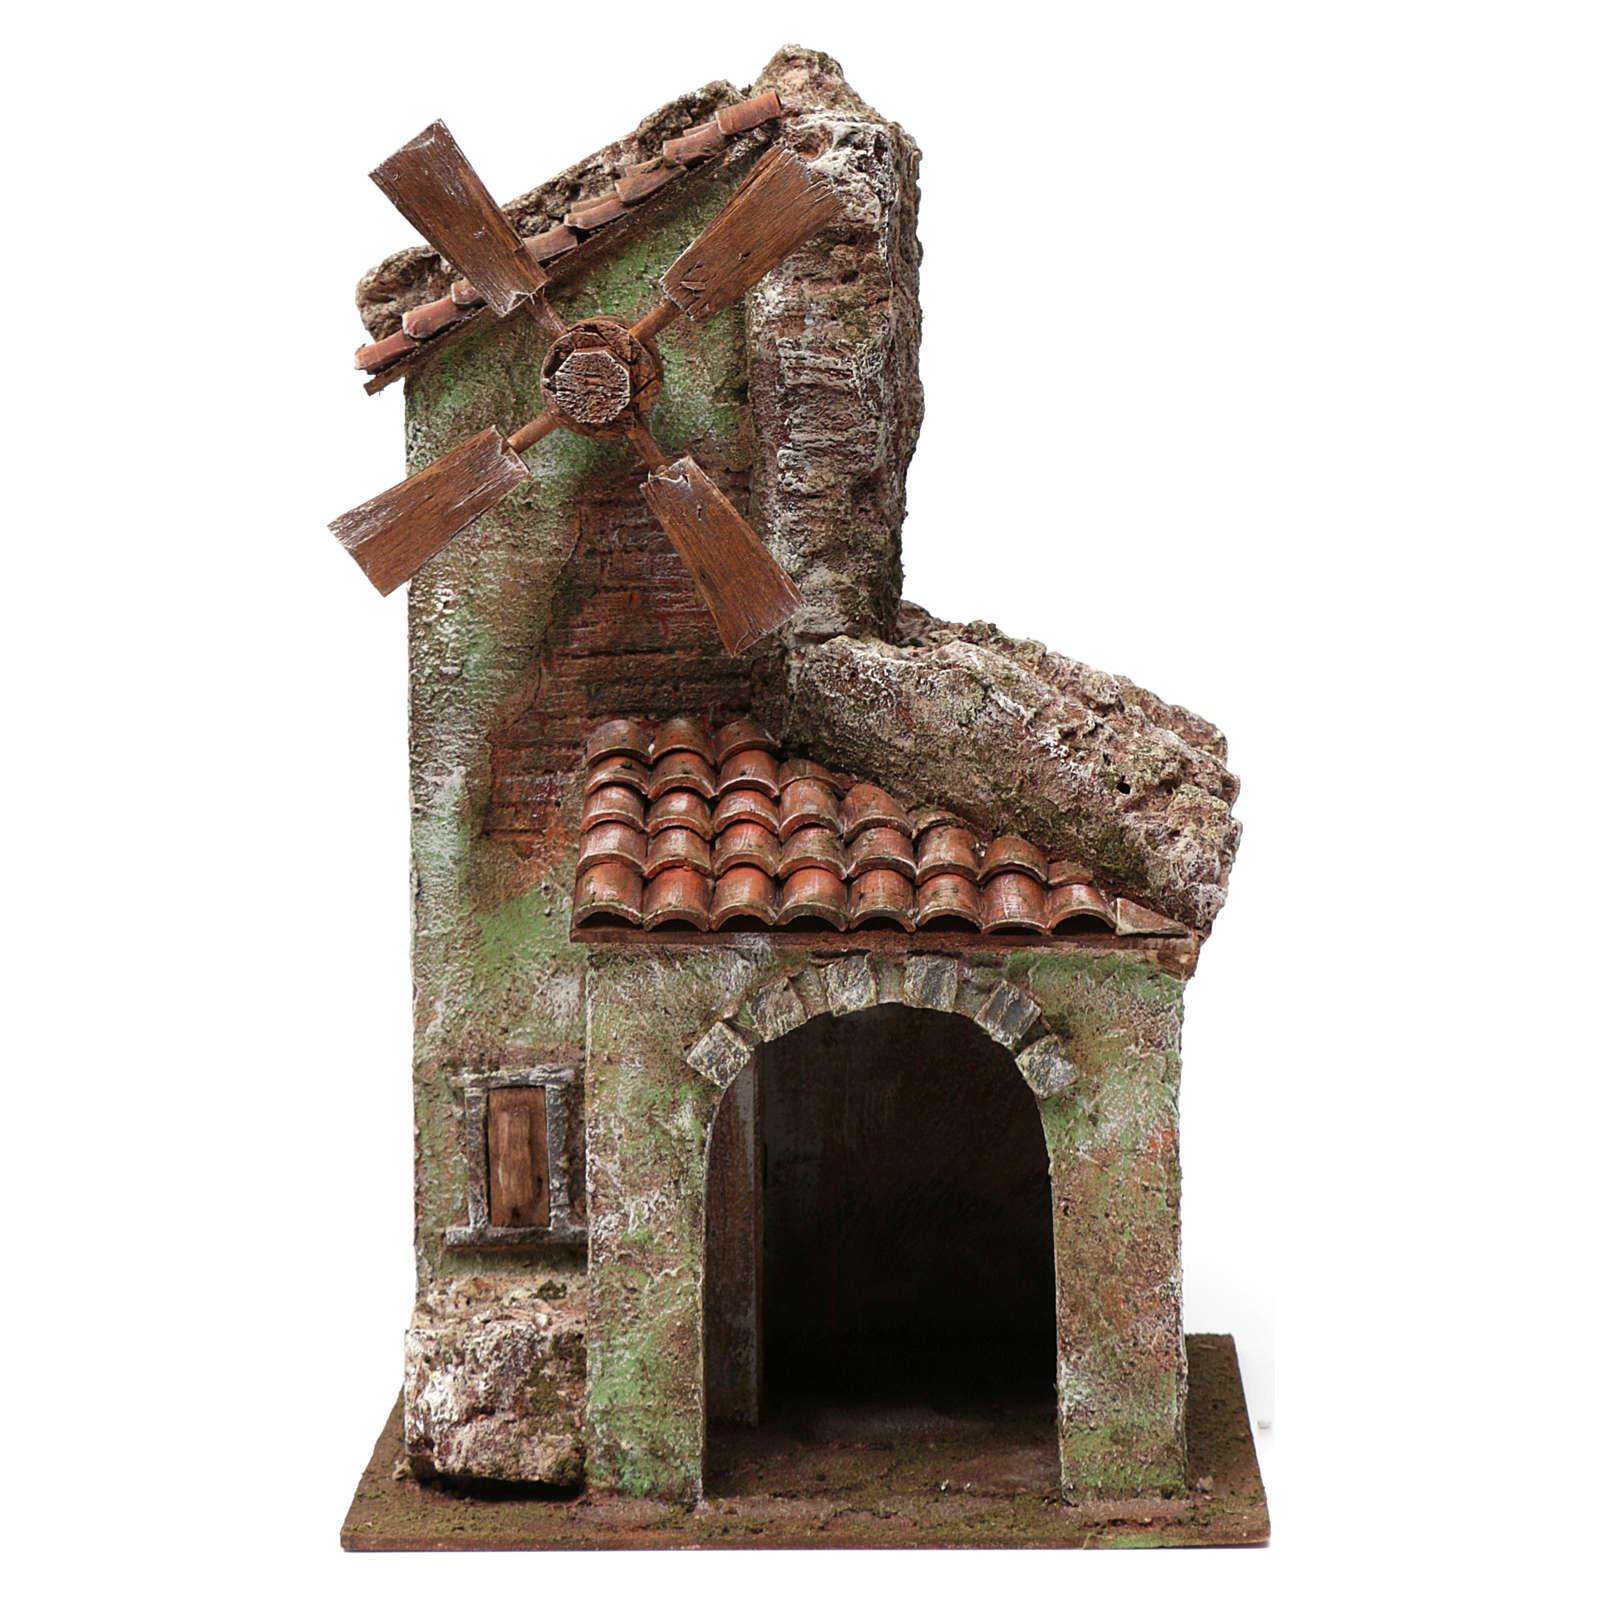 Mulino per presepe 4 eliche con arco e montagna, tetto con tegole 45X20X25 cm 4